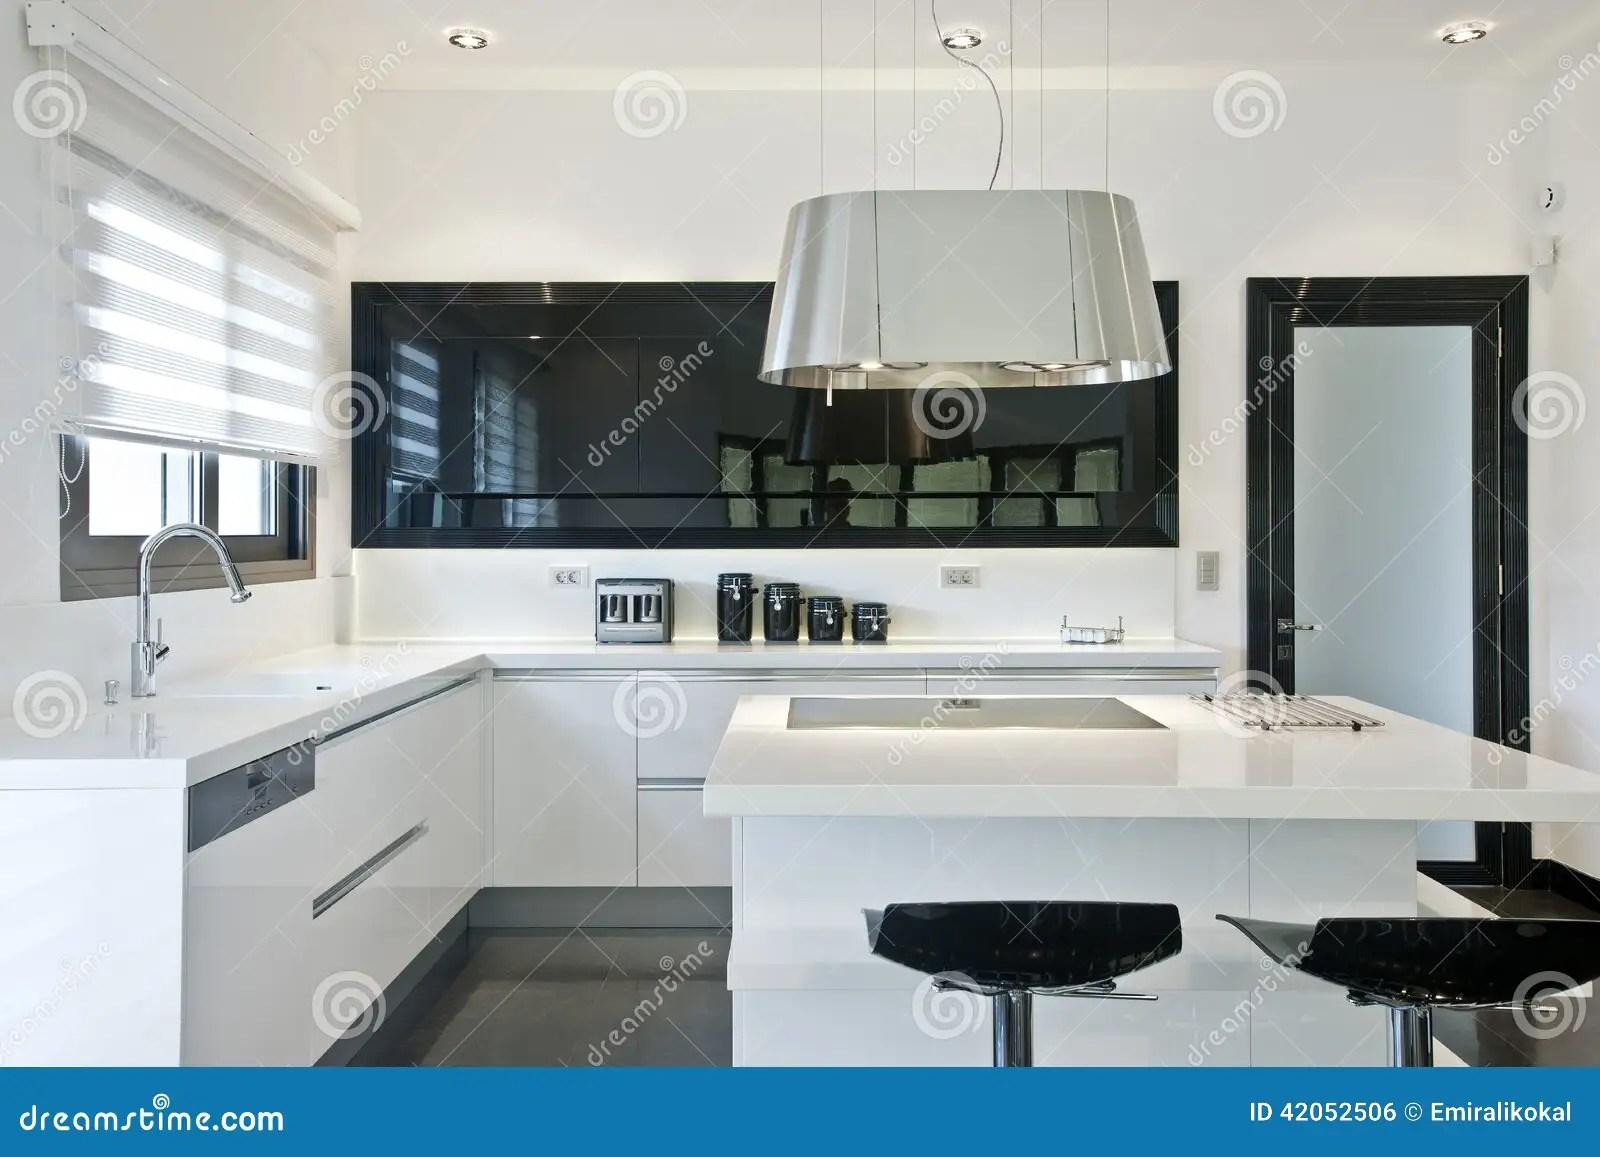 Cucina Quadrata   Cucina Quadrata Con Finestra Cucine Moderne Ad Angolo